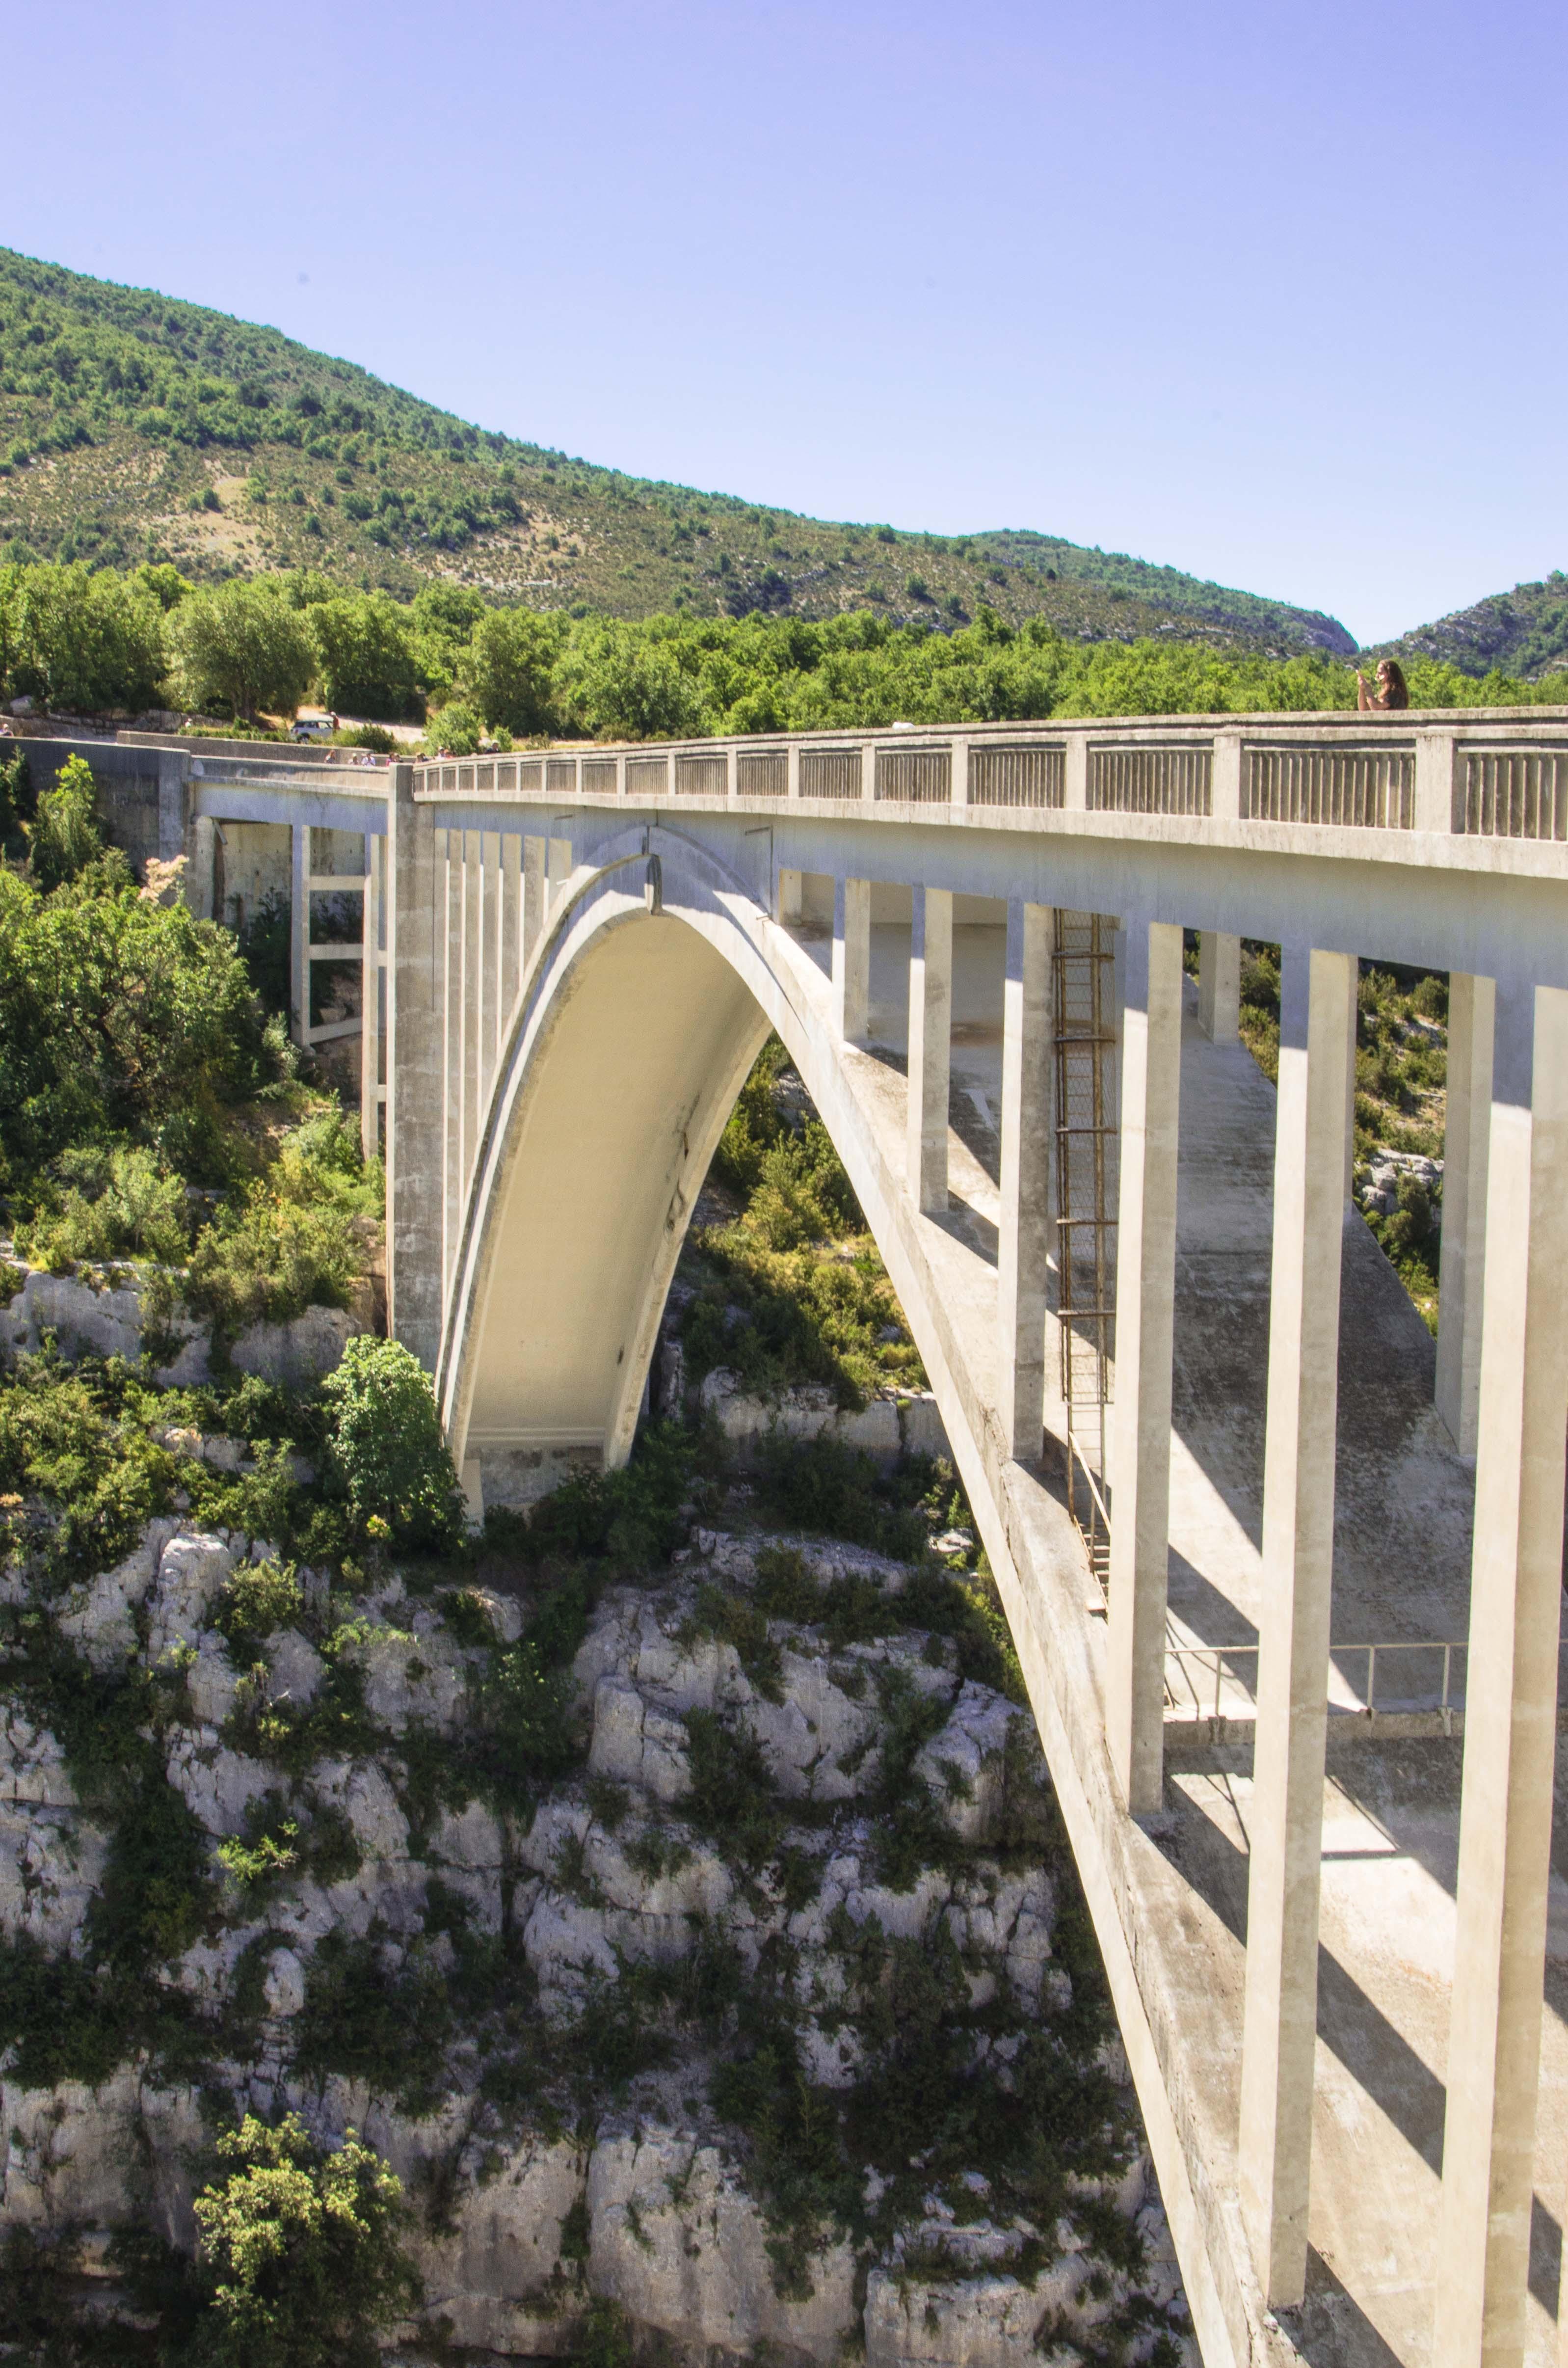 castellana2 Vacanze in Provenza, Camargue e Costa Azzurra